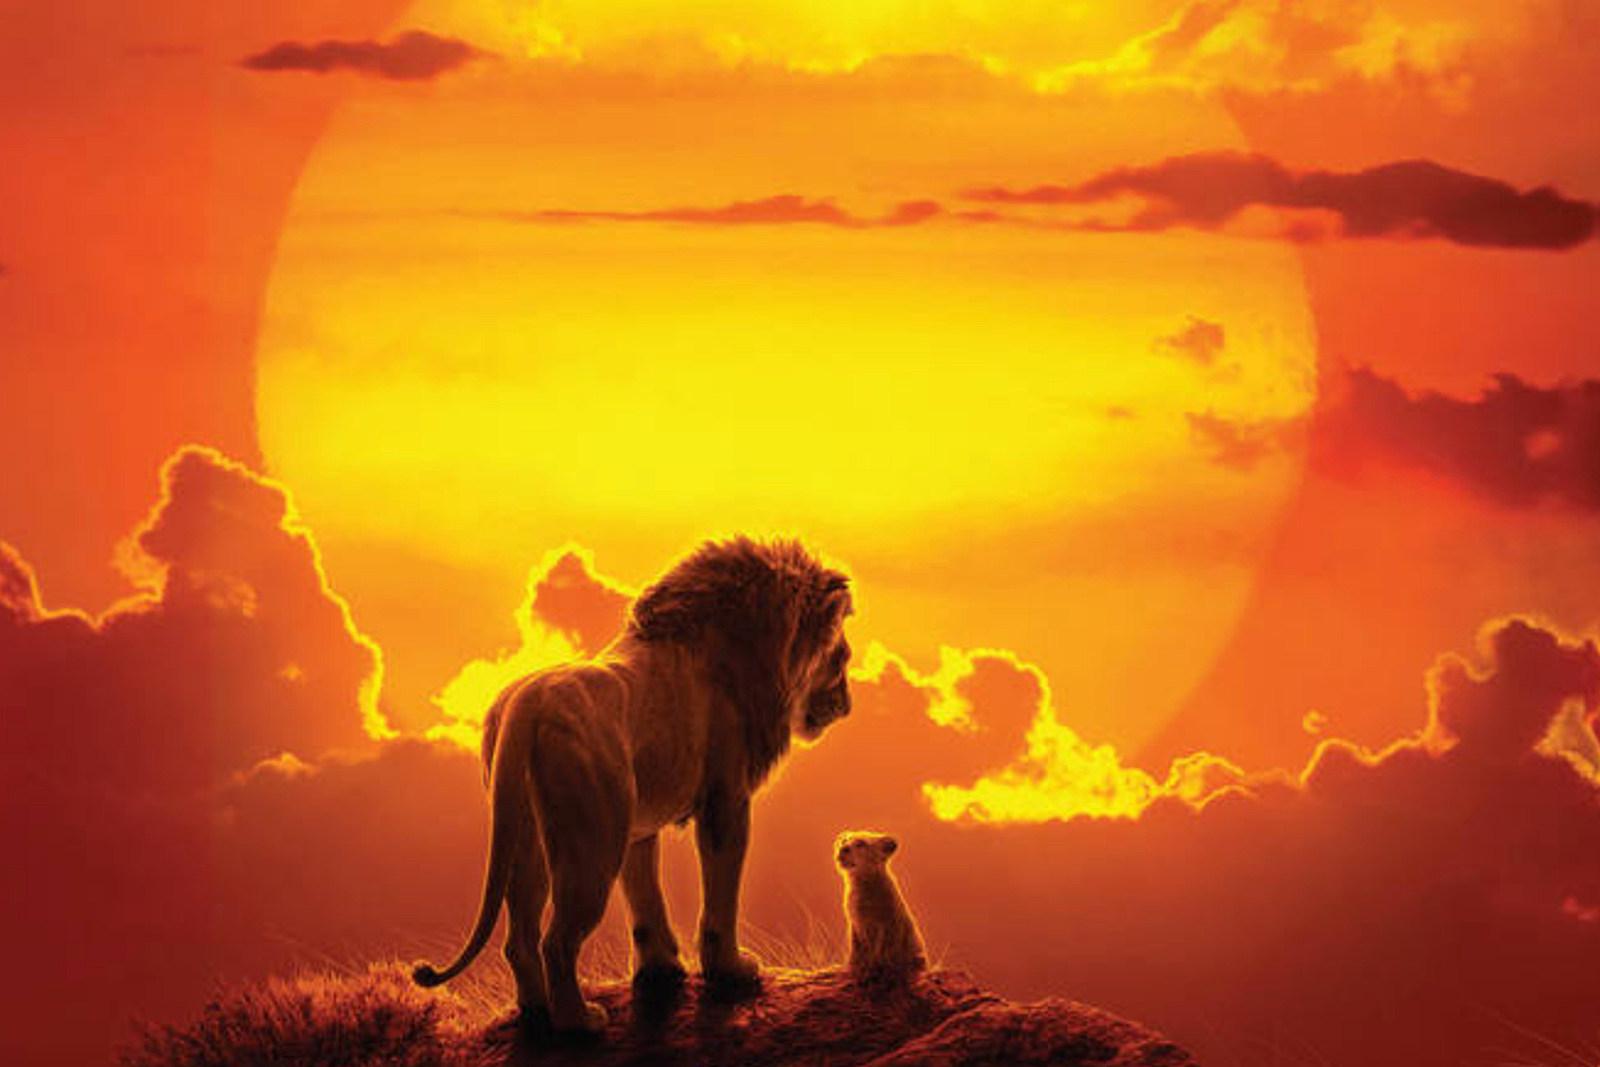 Listen to New Elton John Music on 'The Lion King' Soundtrack